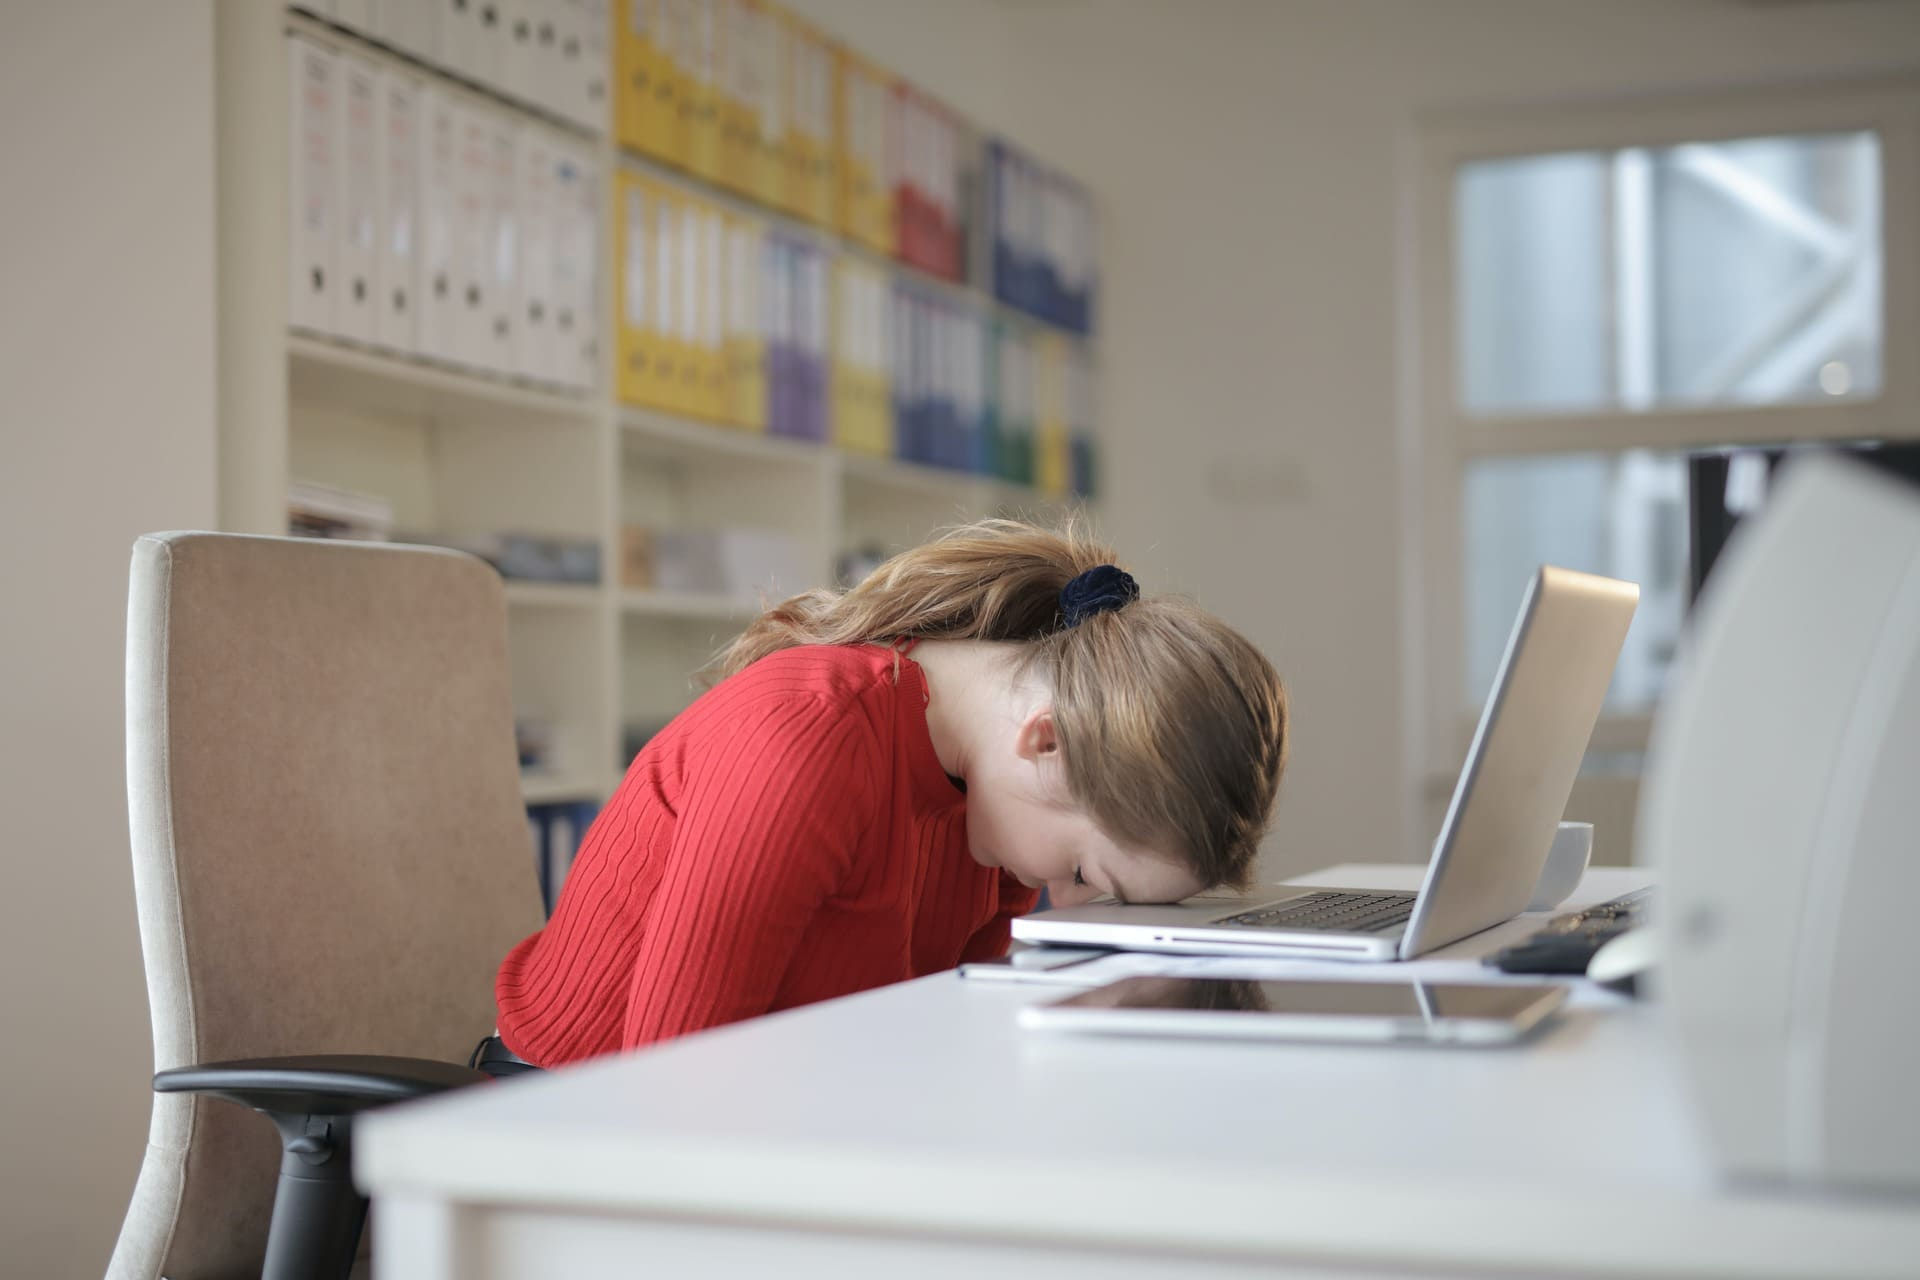 Pessoa com sono na hora de estudar